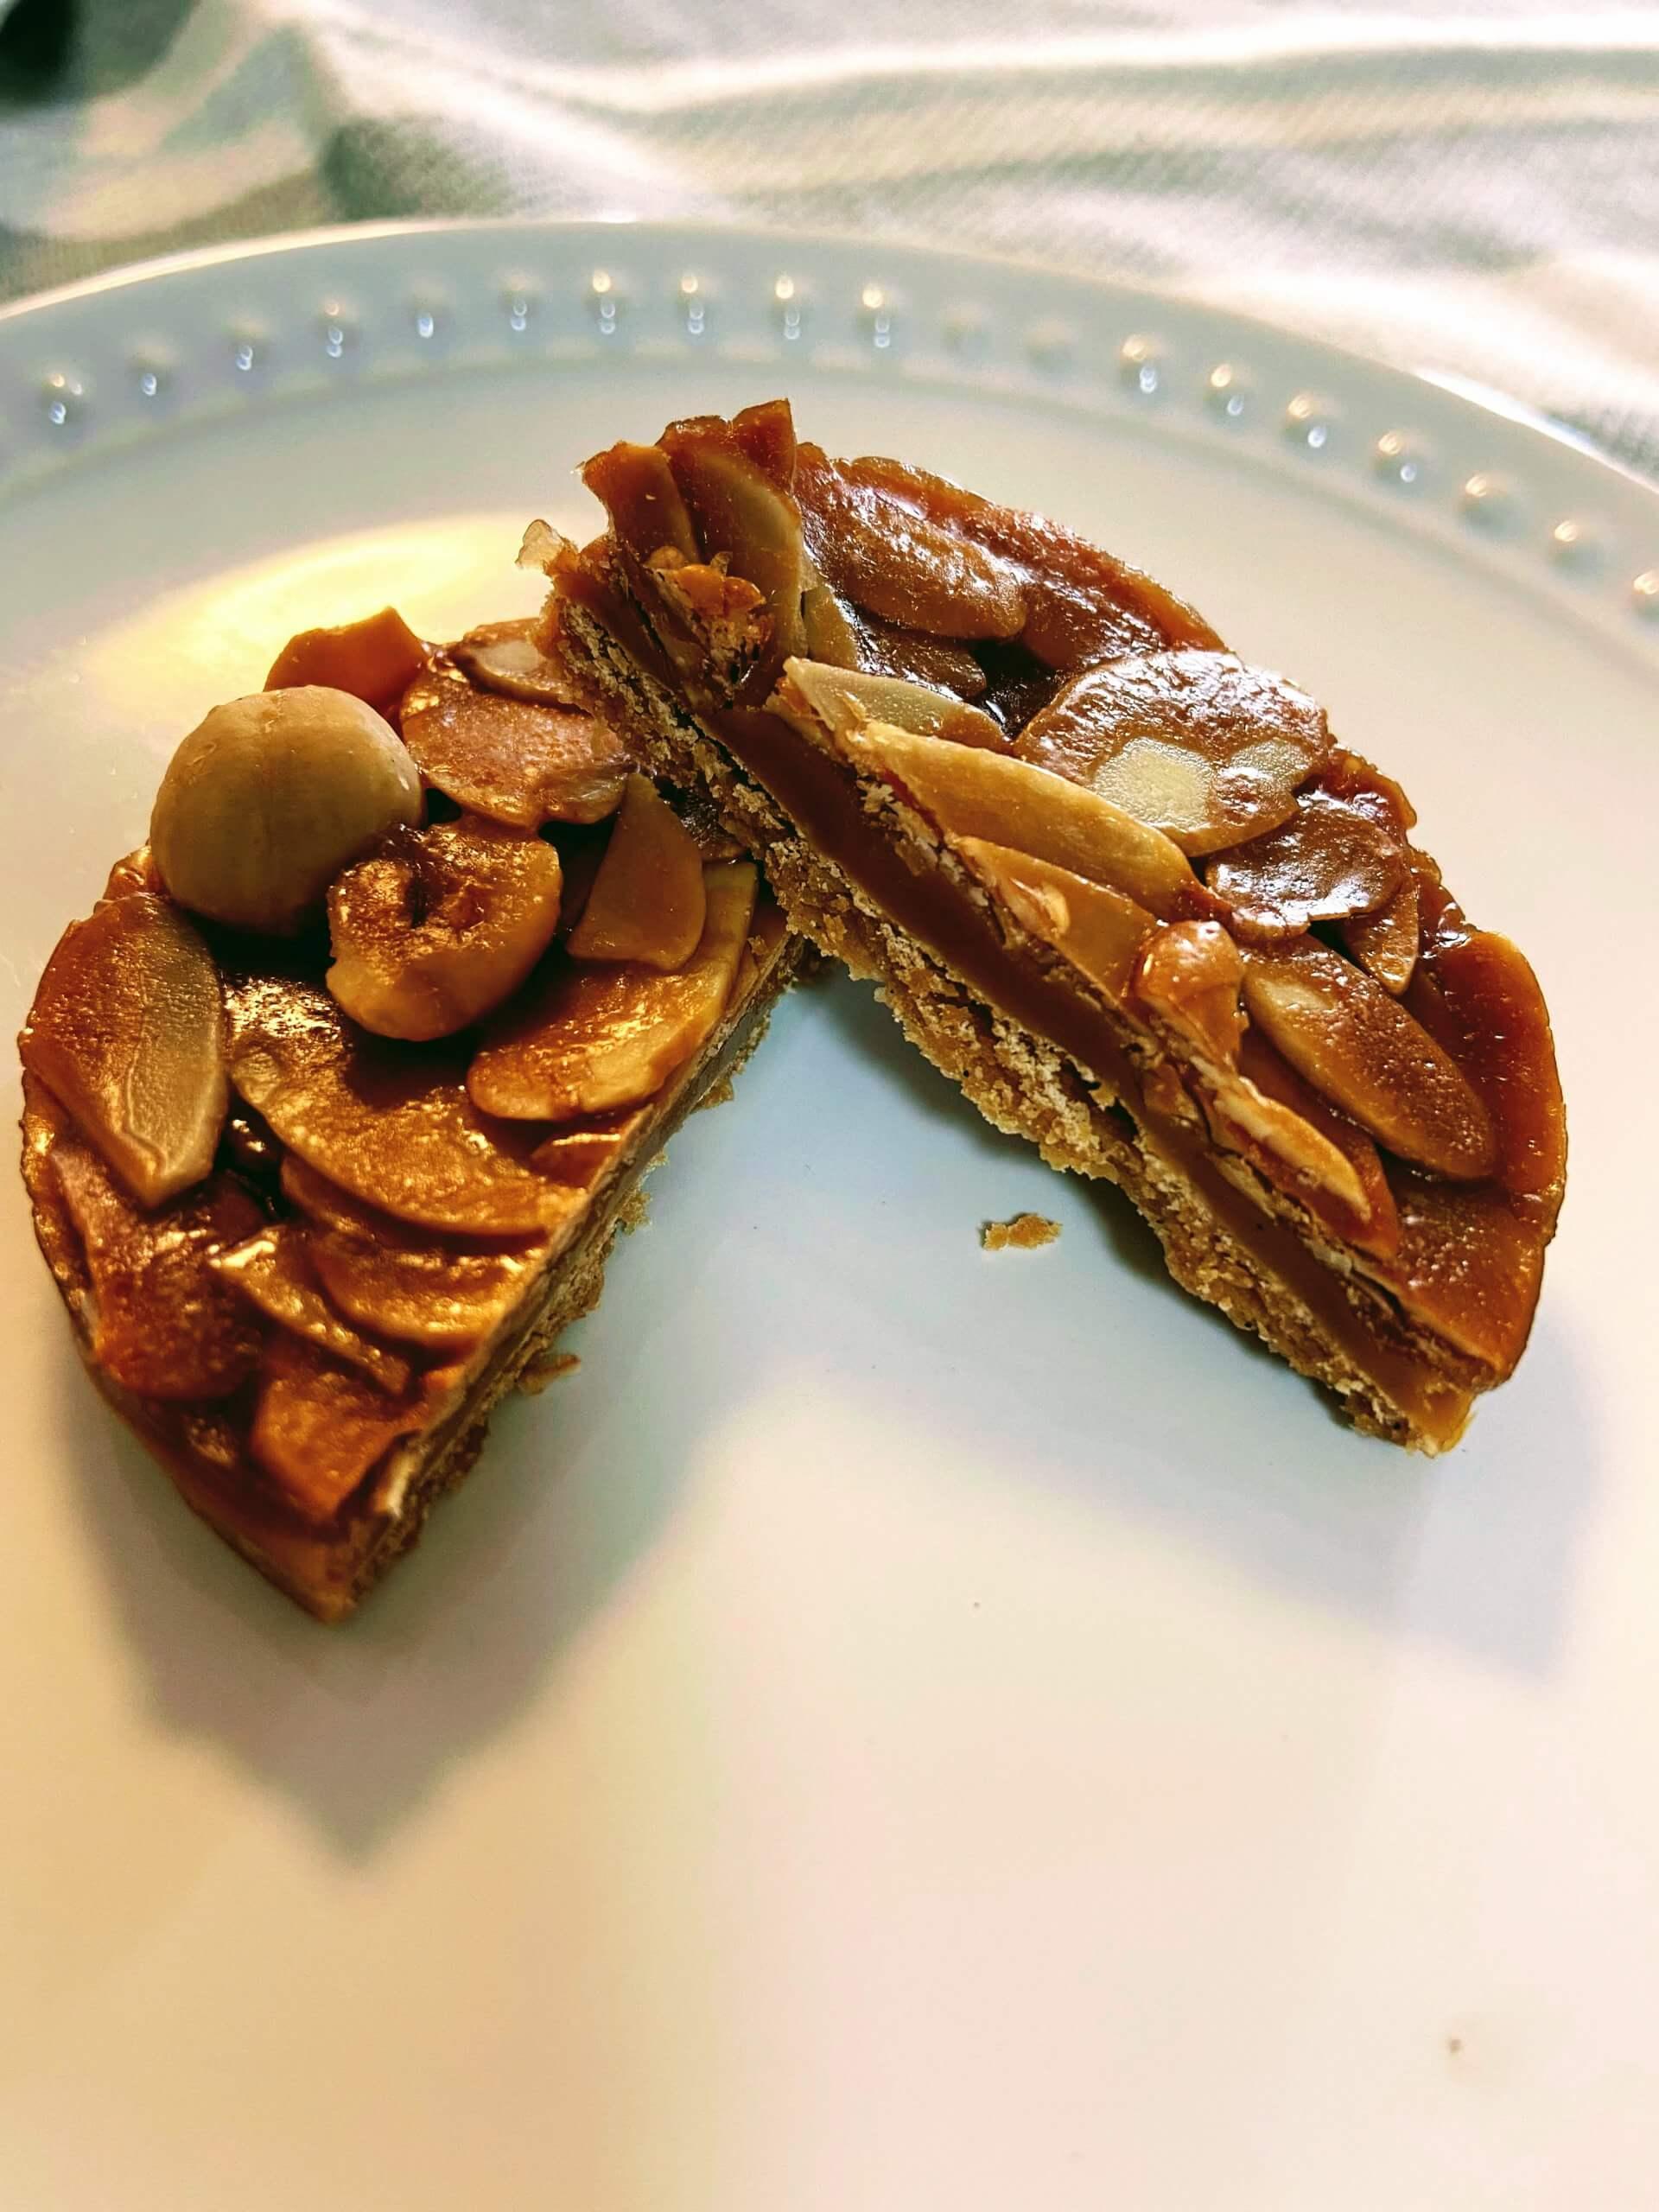 木の実のクッキーブロンド3